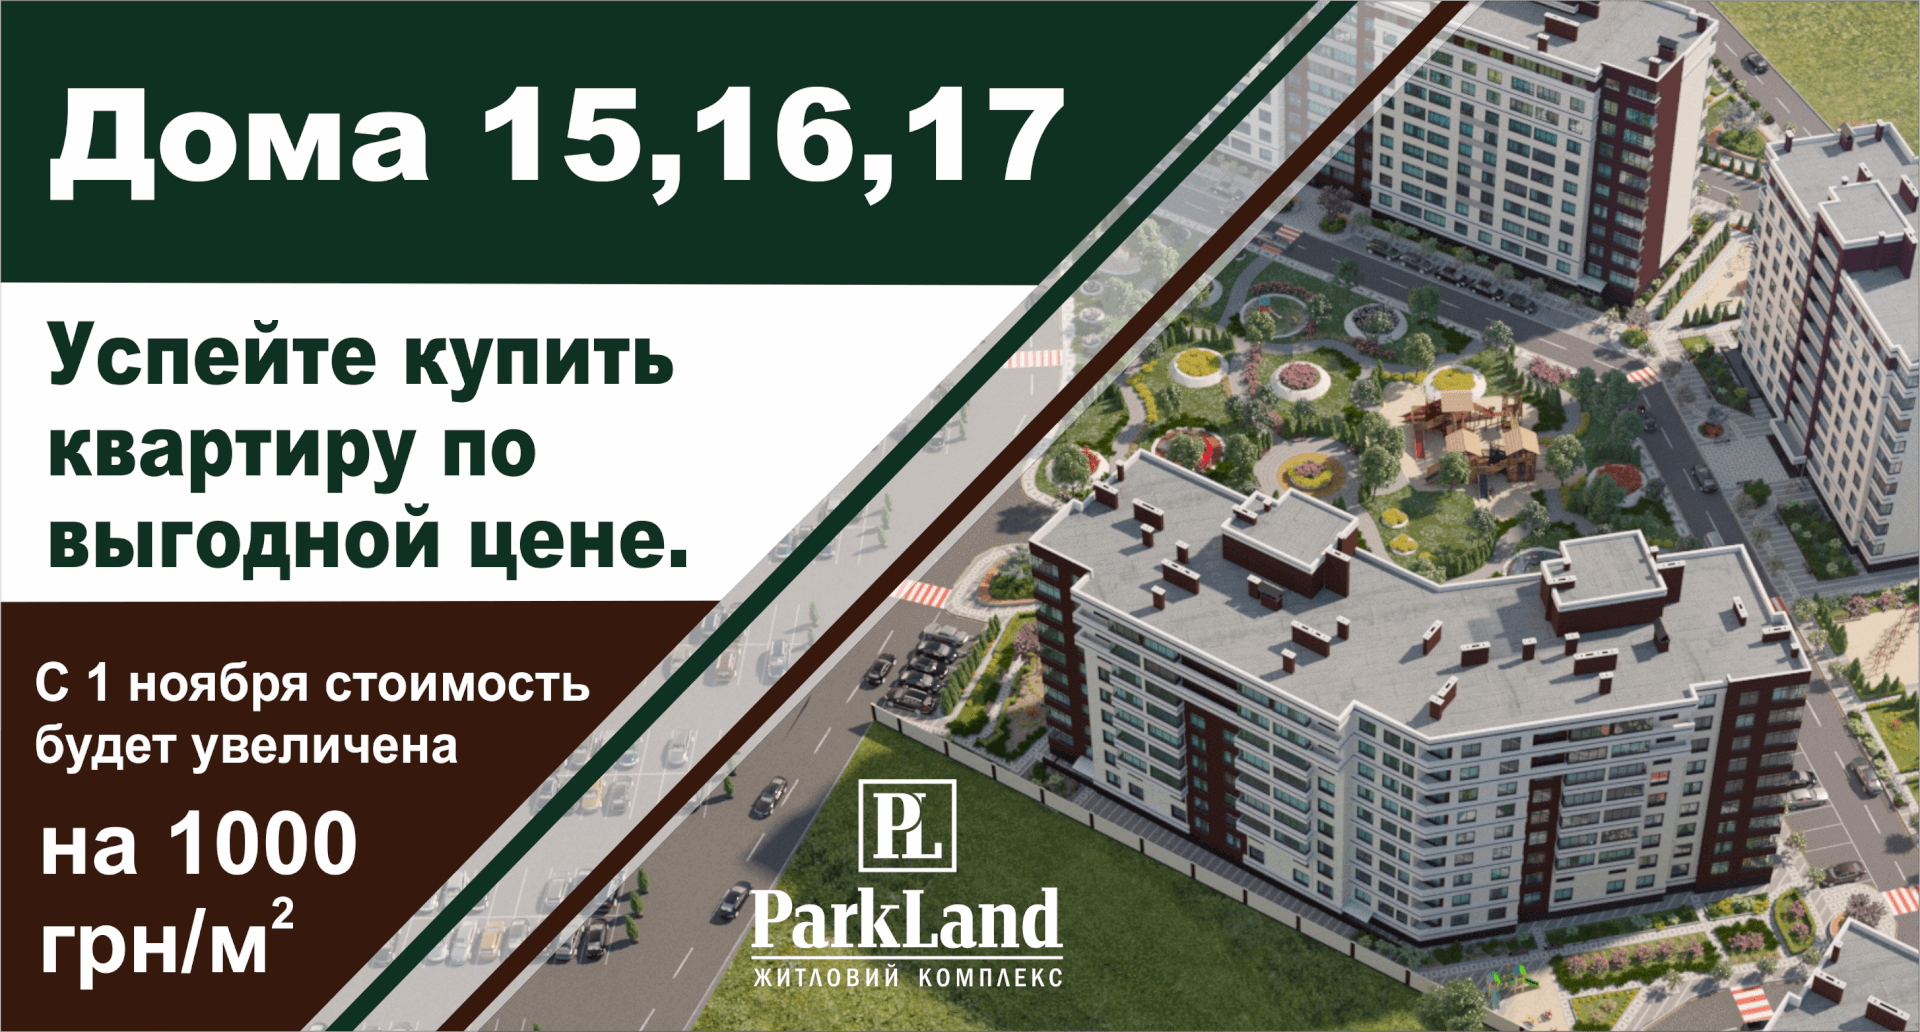 stock_13-10-17_ru